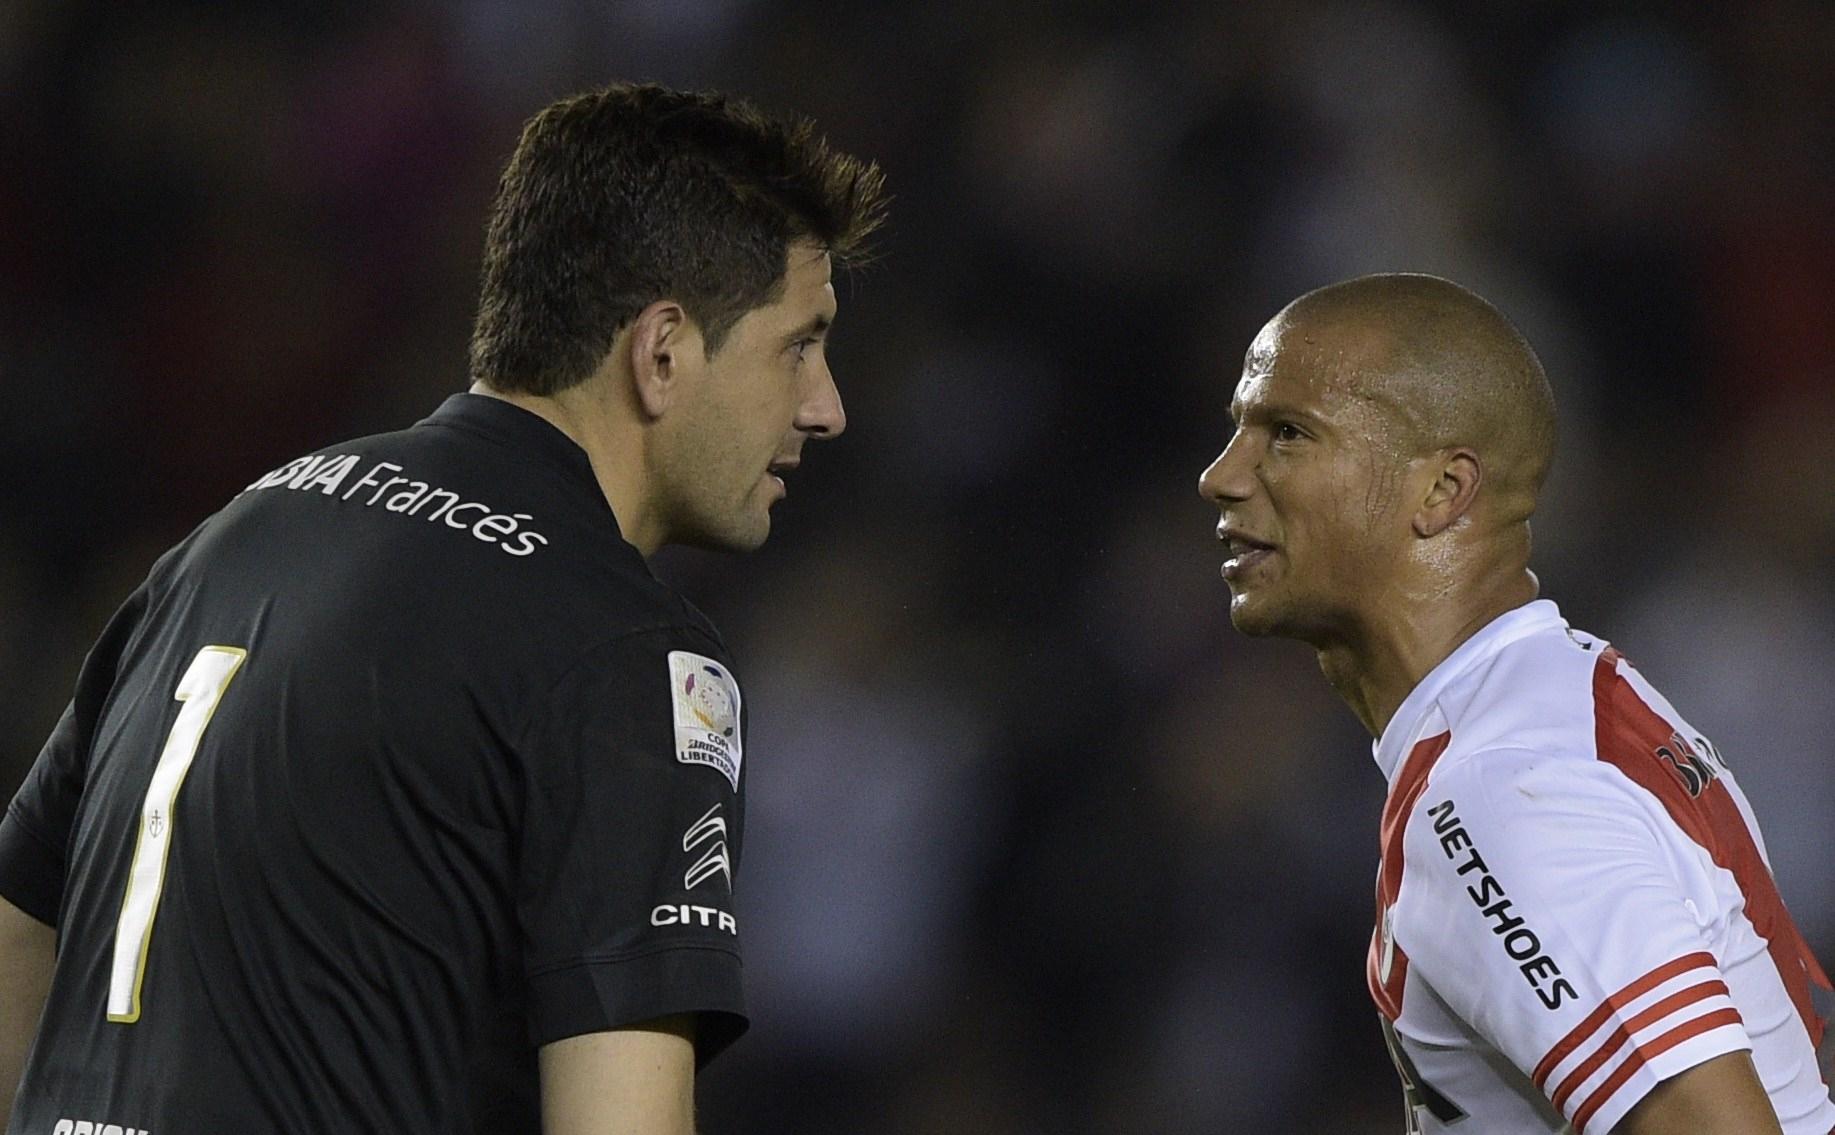 Hagamos top a Carlos Sanchez ! ! !